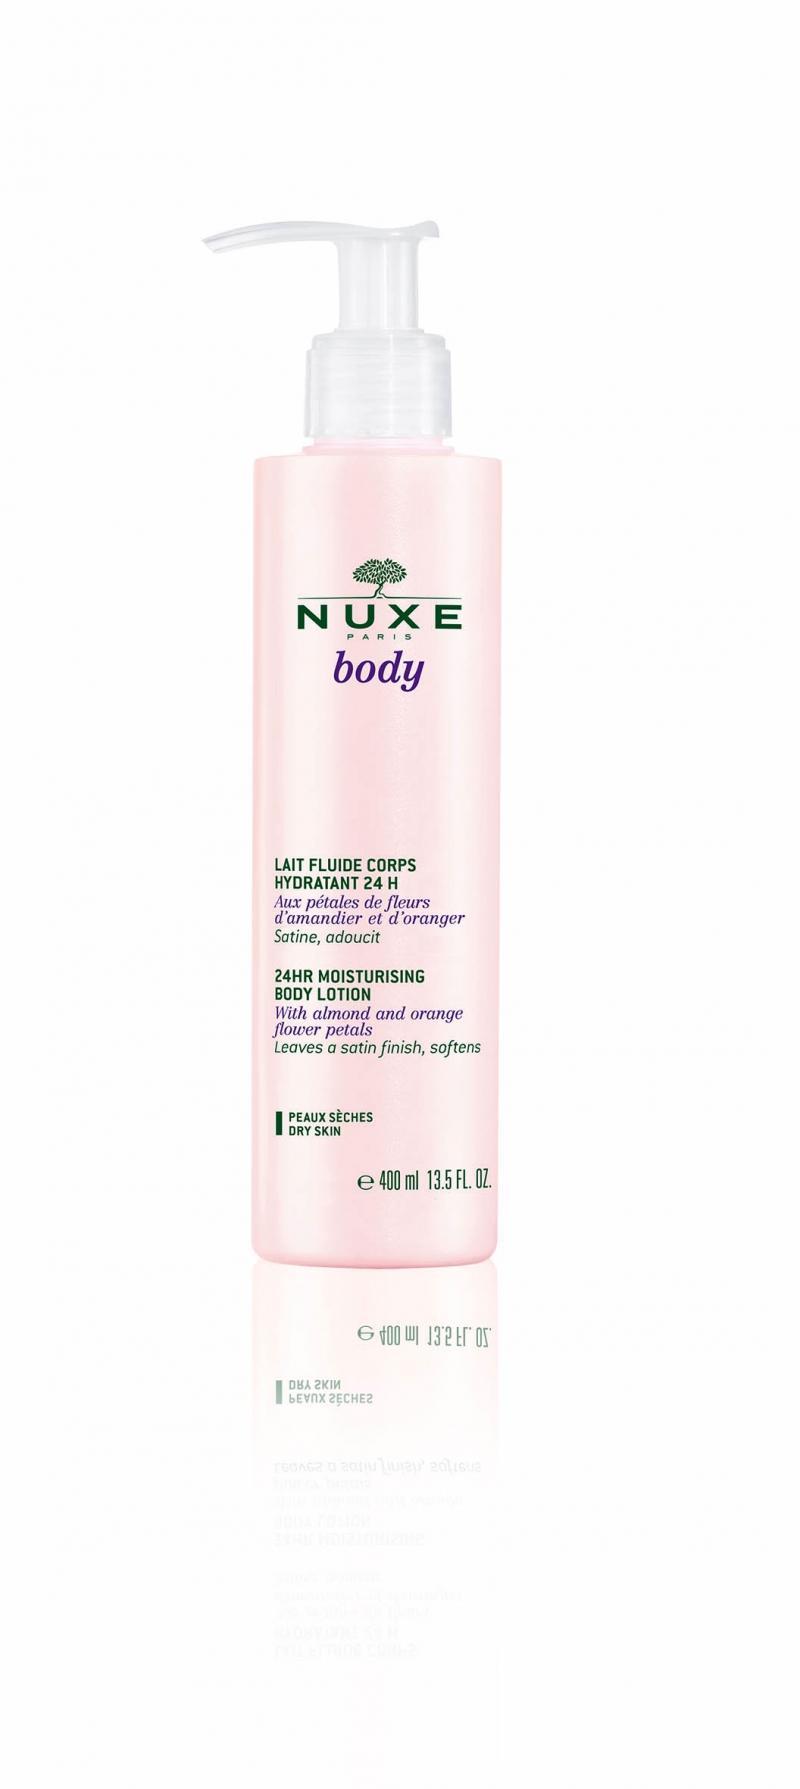 Нежное молочко для тела, увлажнение 24 часа, 400 мл (Nuxe, Nuxe body) nuxe масло для тела купить